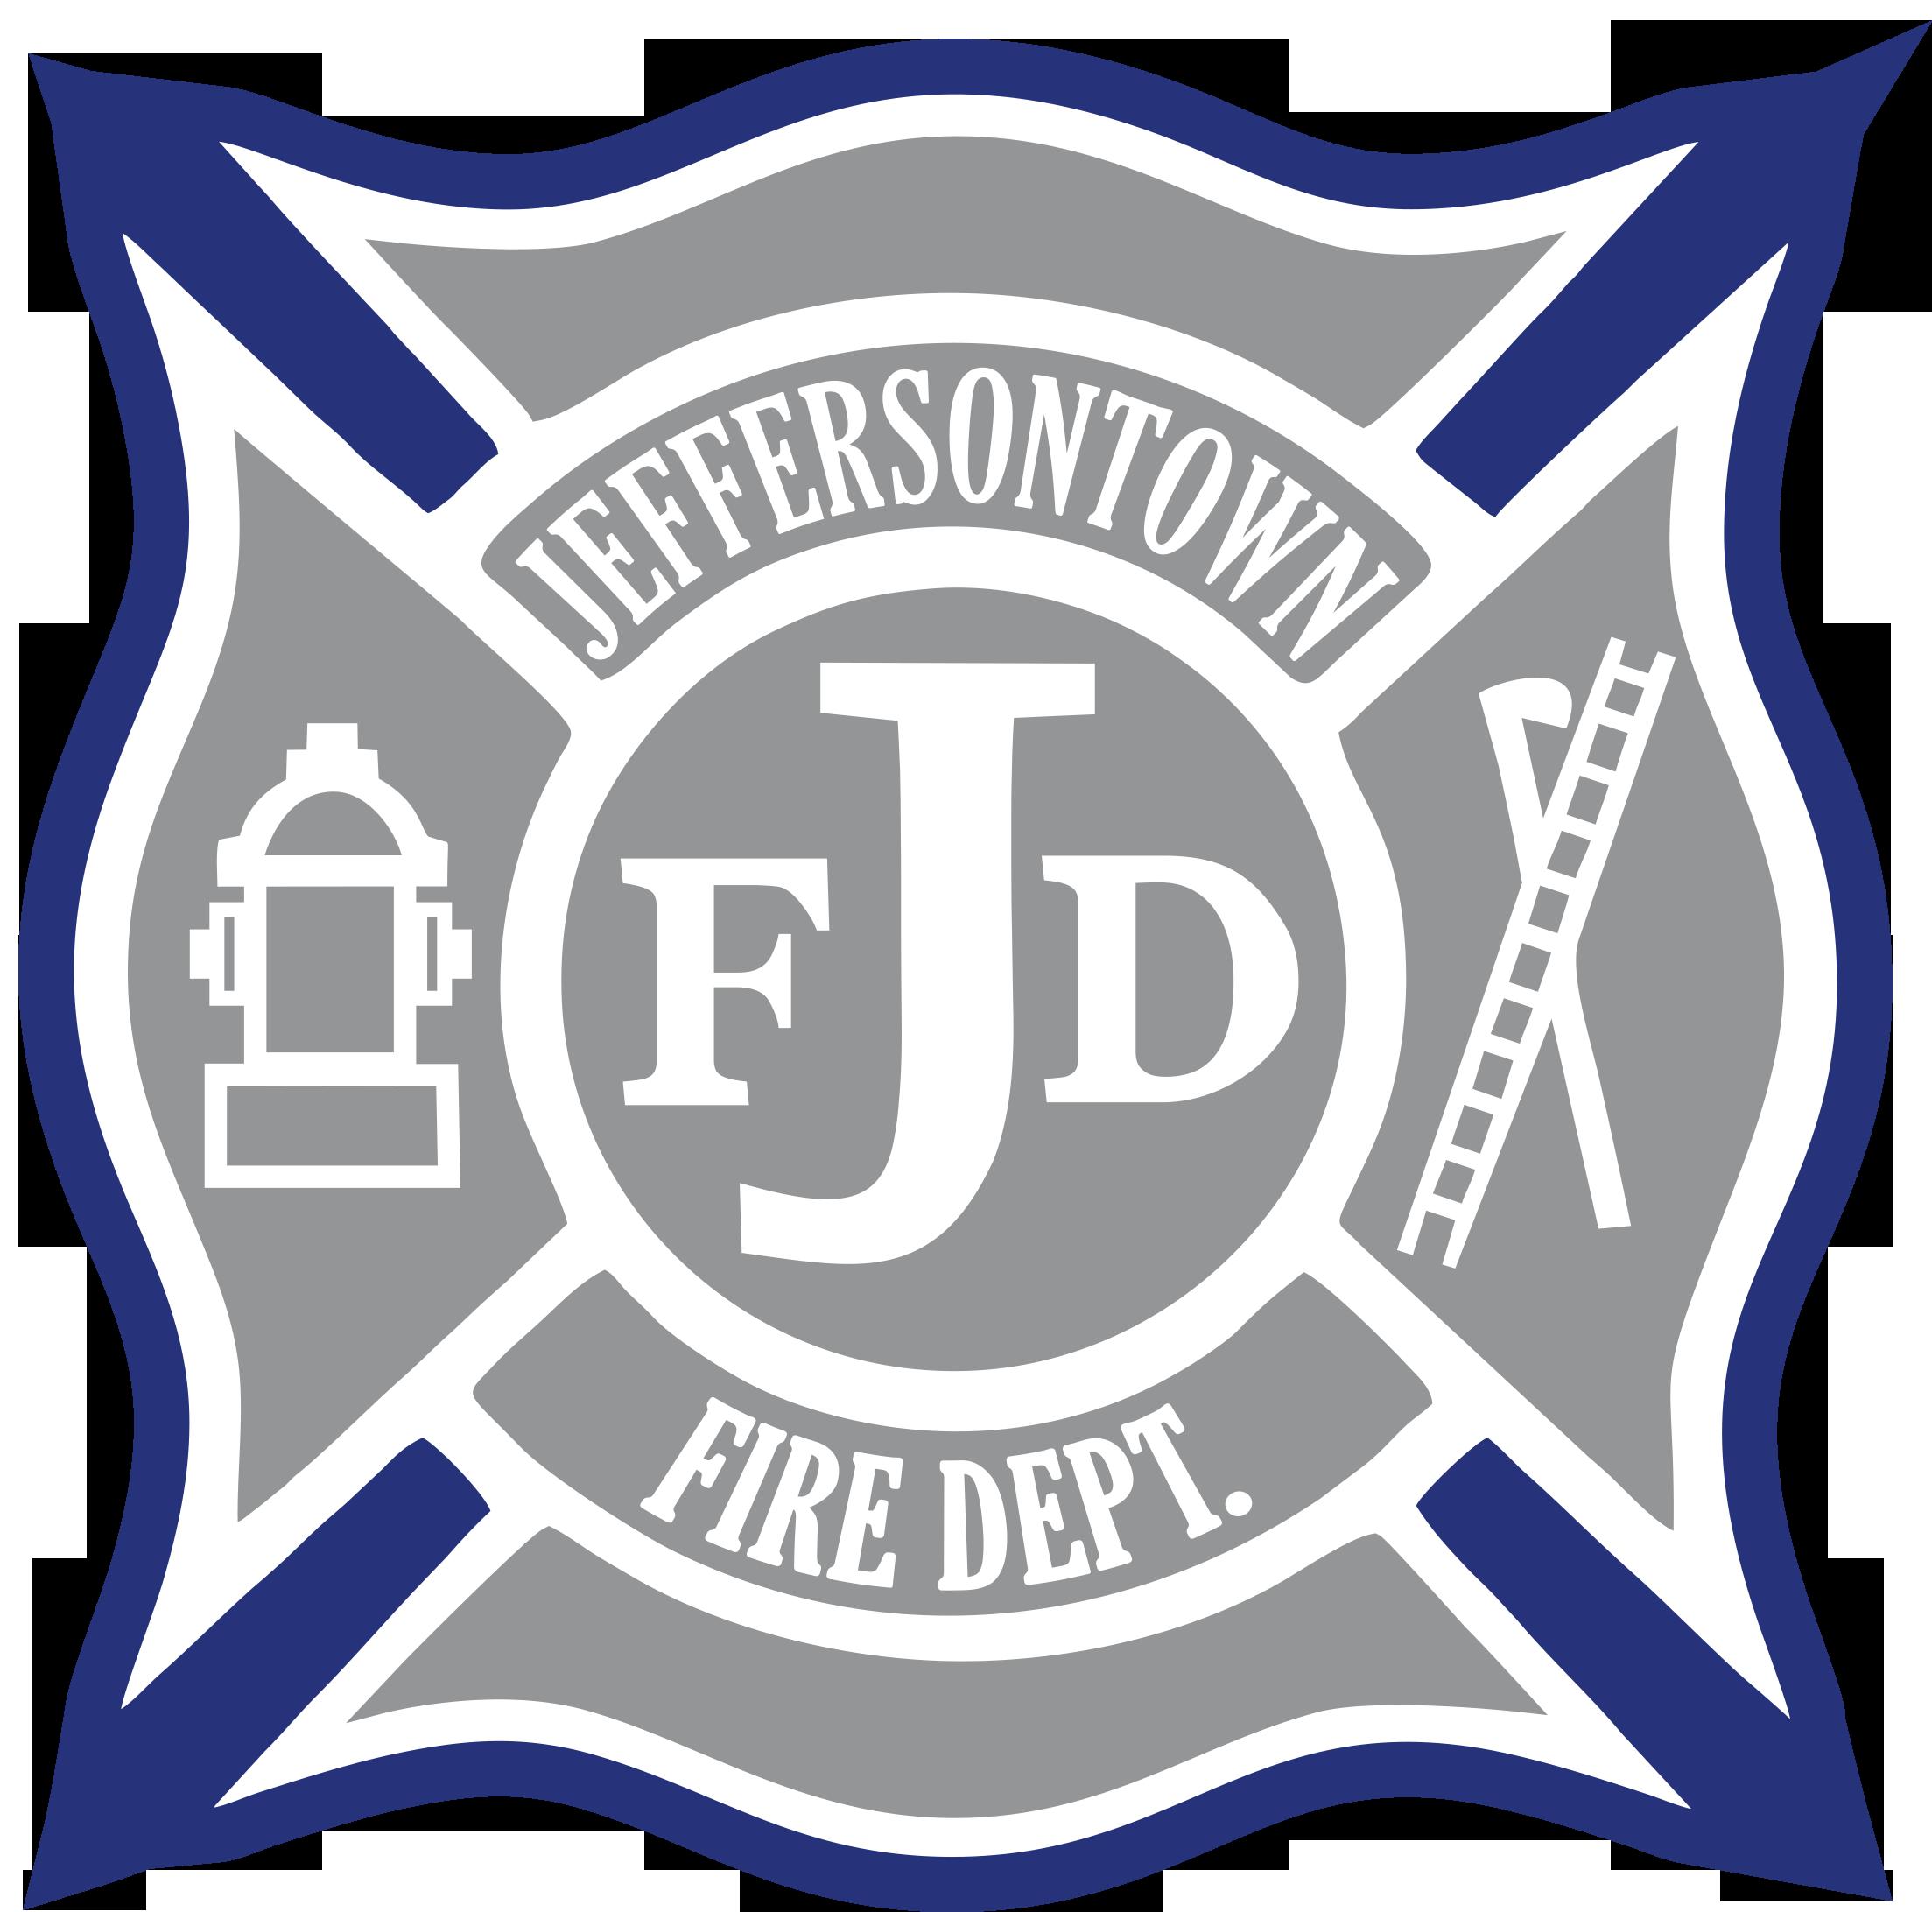 Jeffersontown Fire